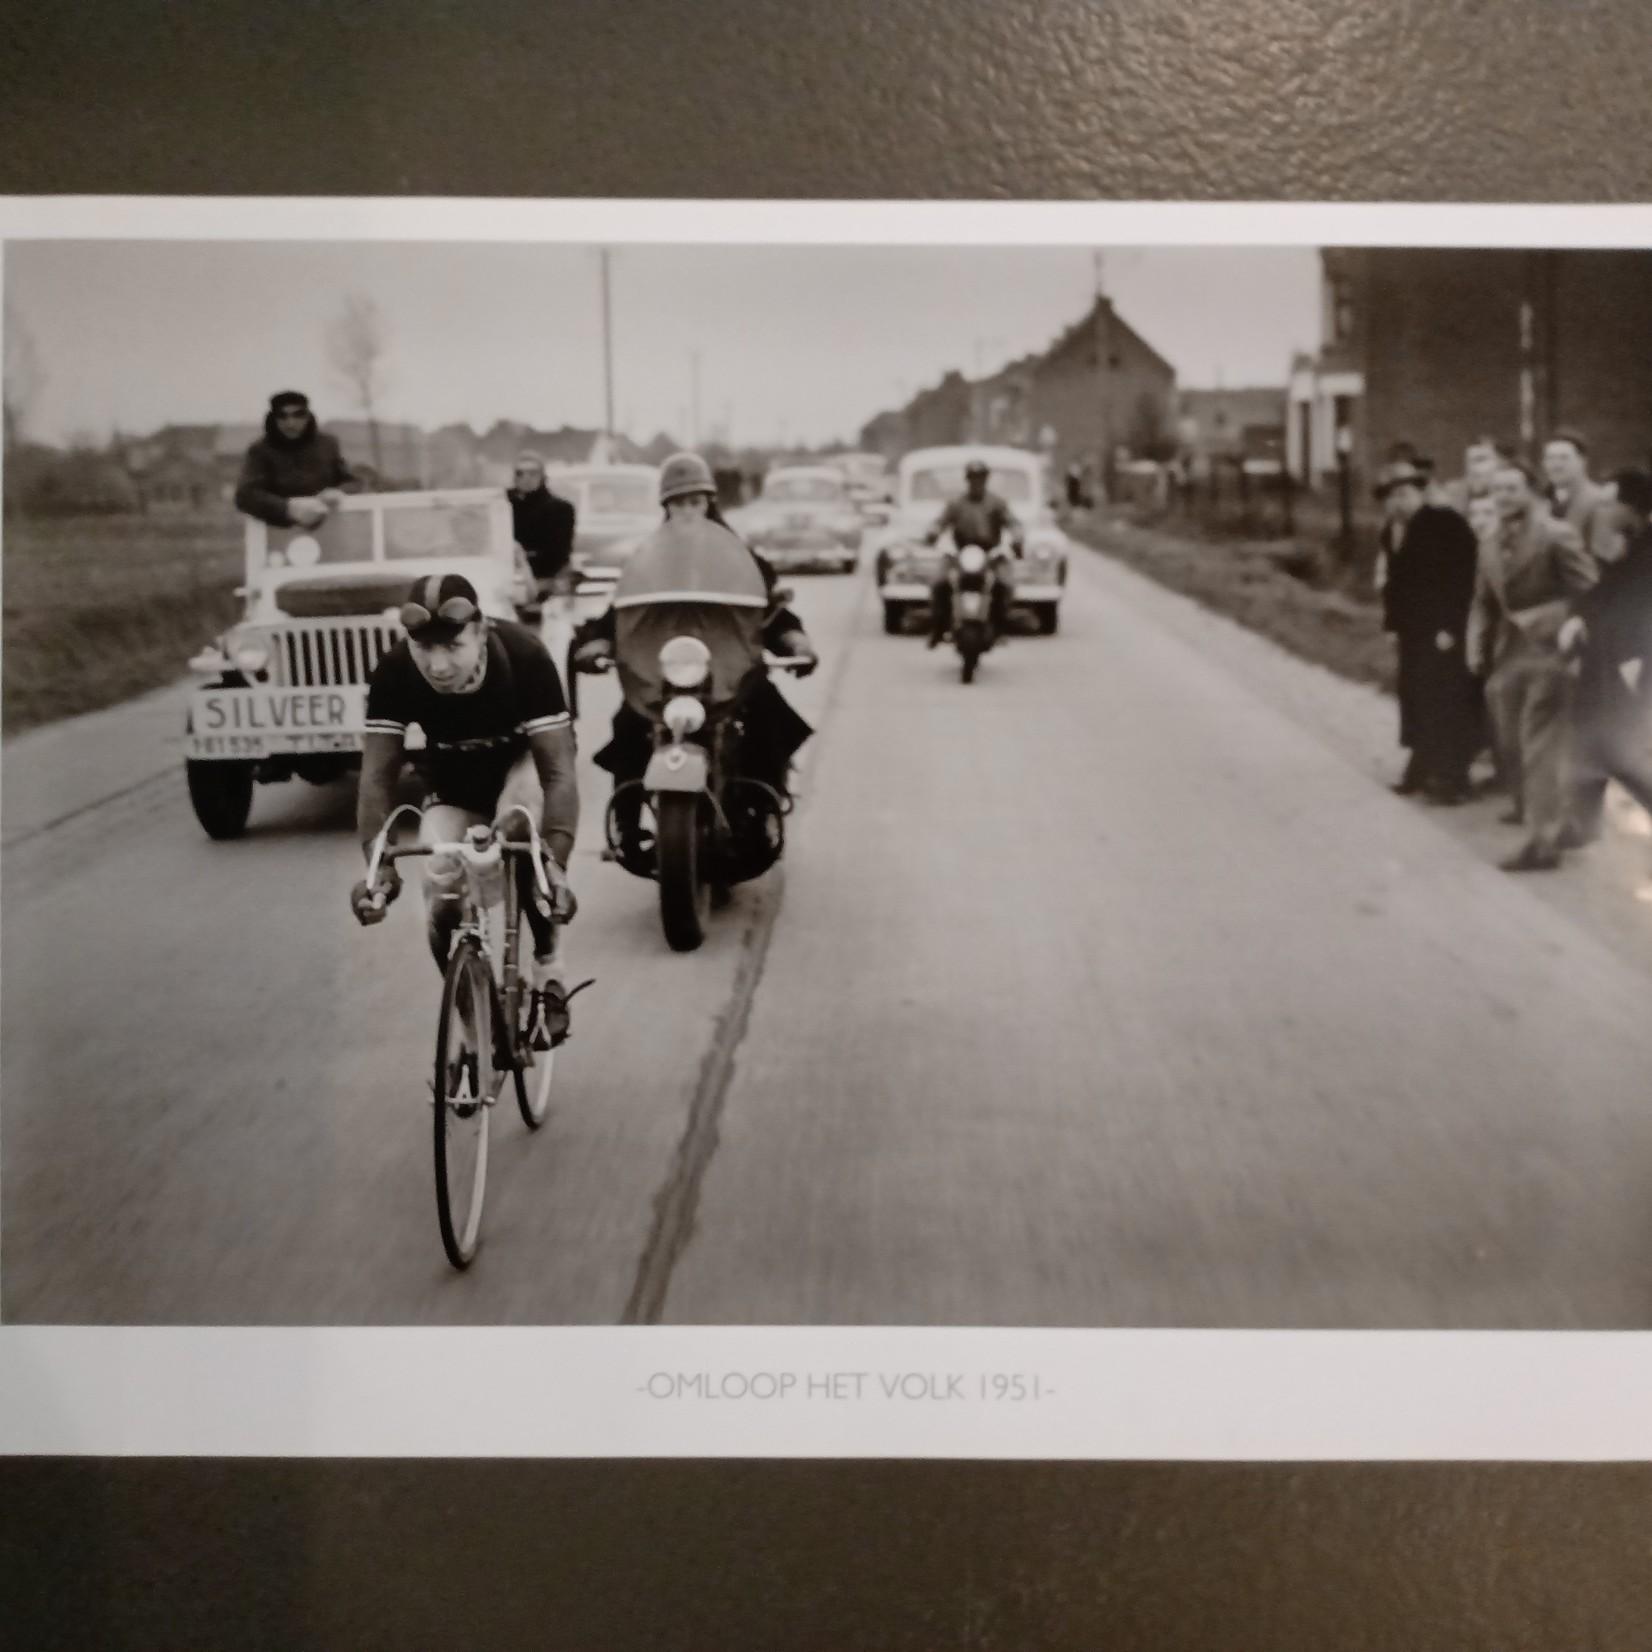 Poster Vintage Omloop Het Volk